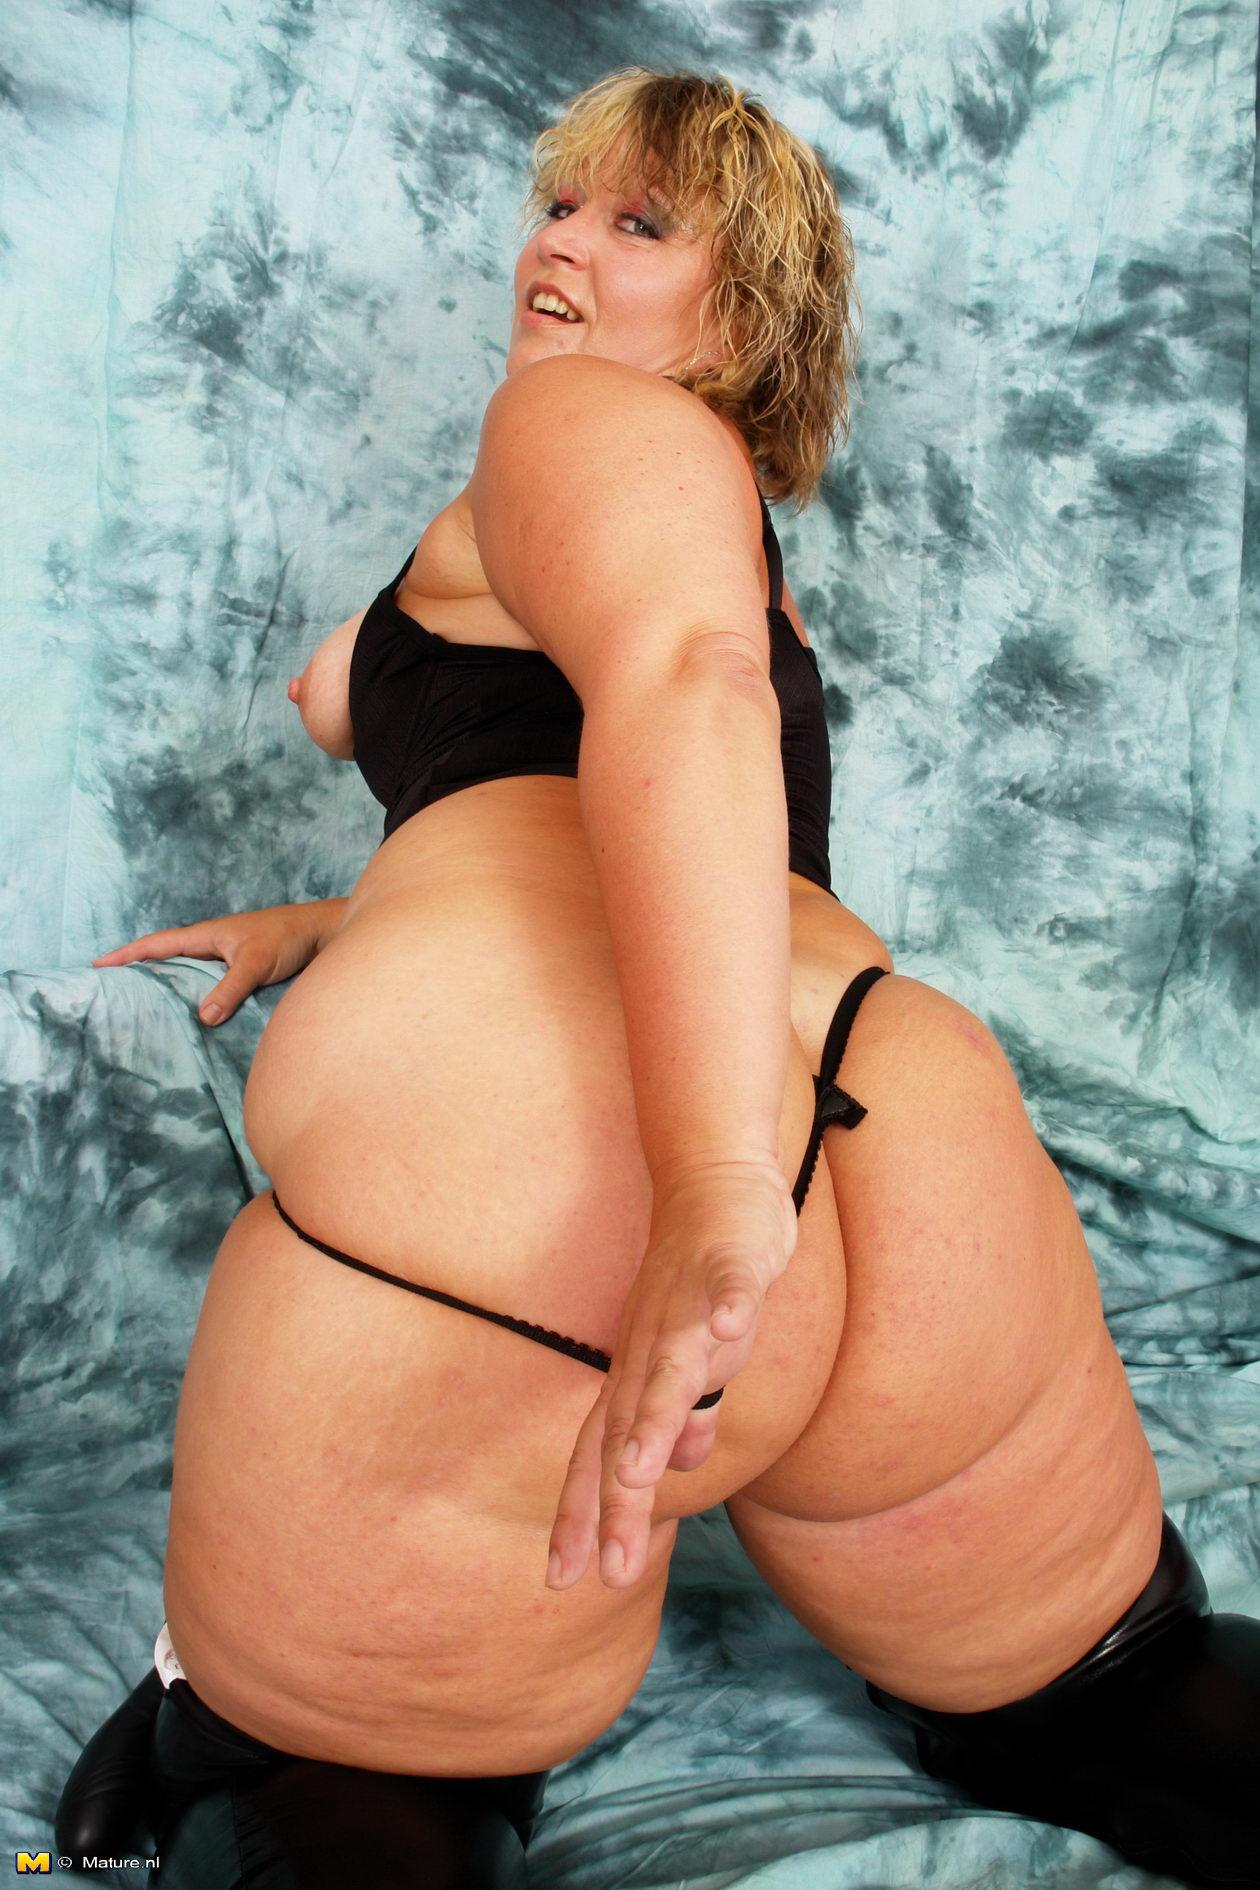 Phat ass mature women naked